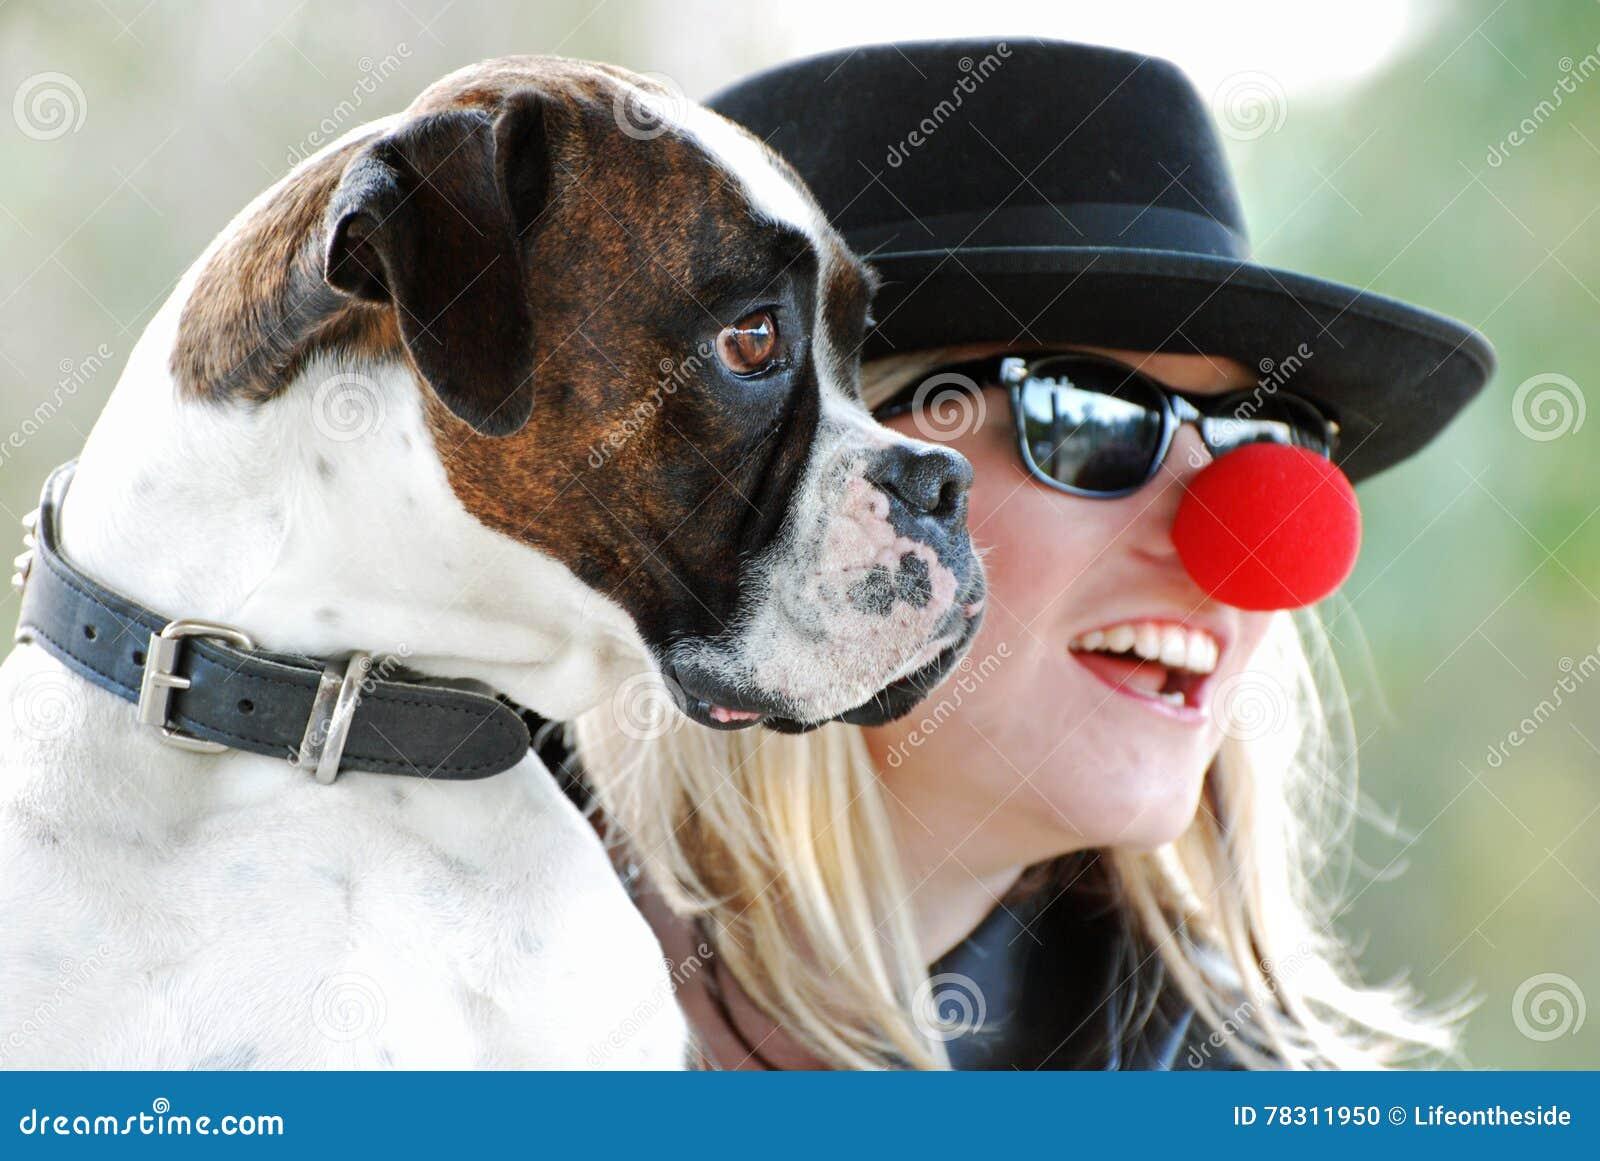 Perro del boxeador que presenta para la fotografía con el dueño feliz de la mujer bastante joven